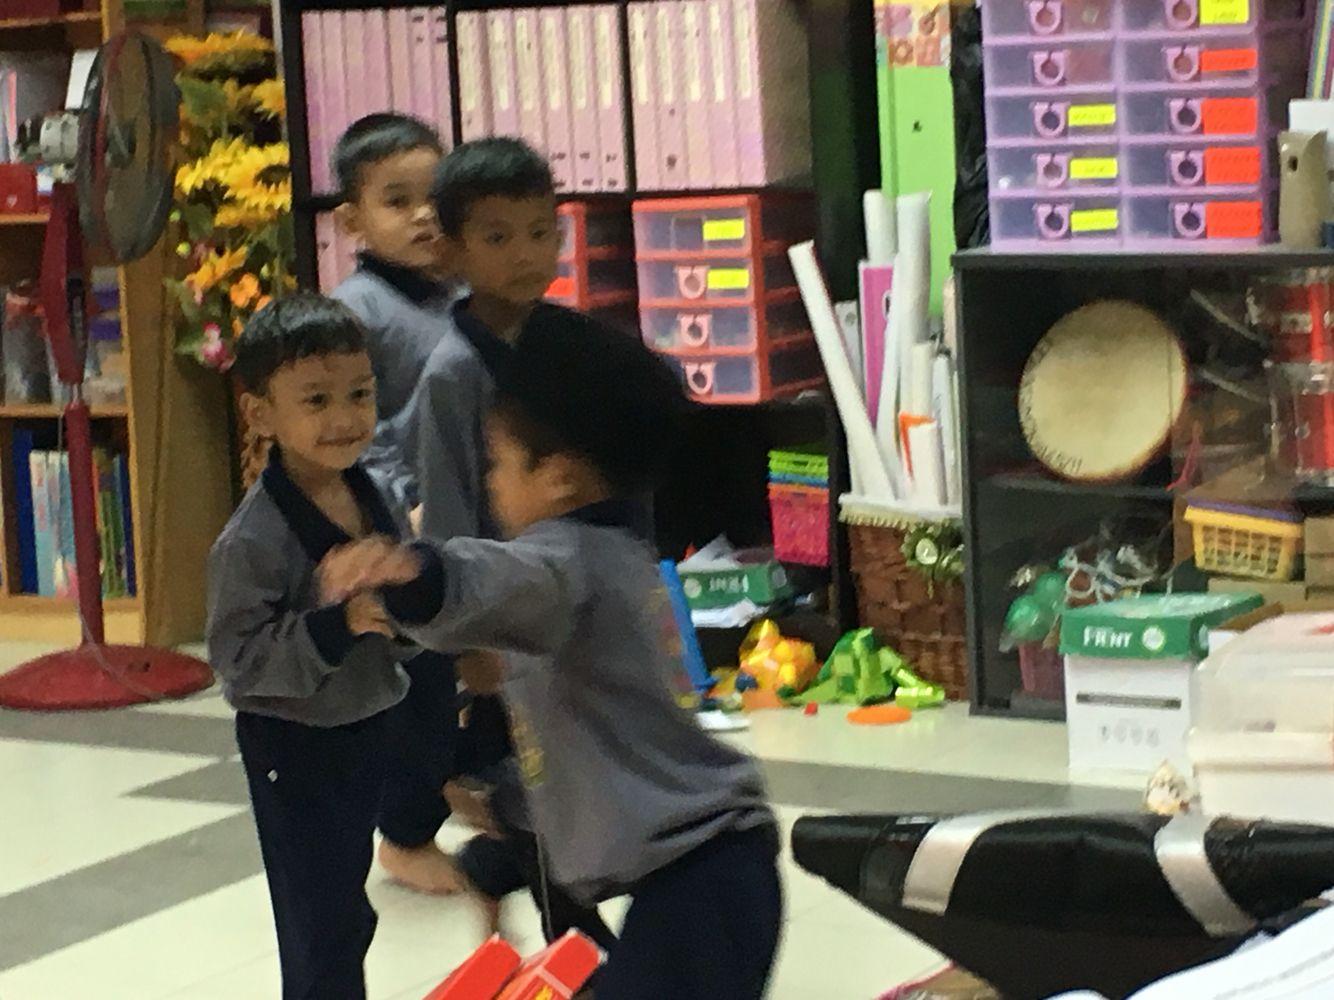 Preschooler: misbehaving